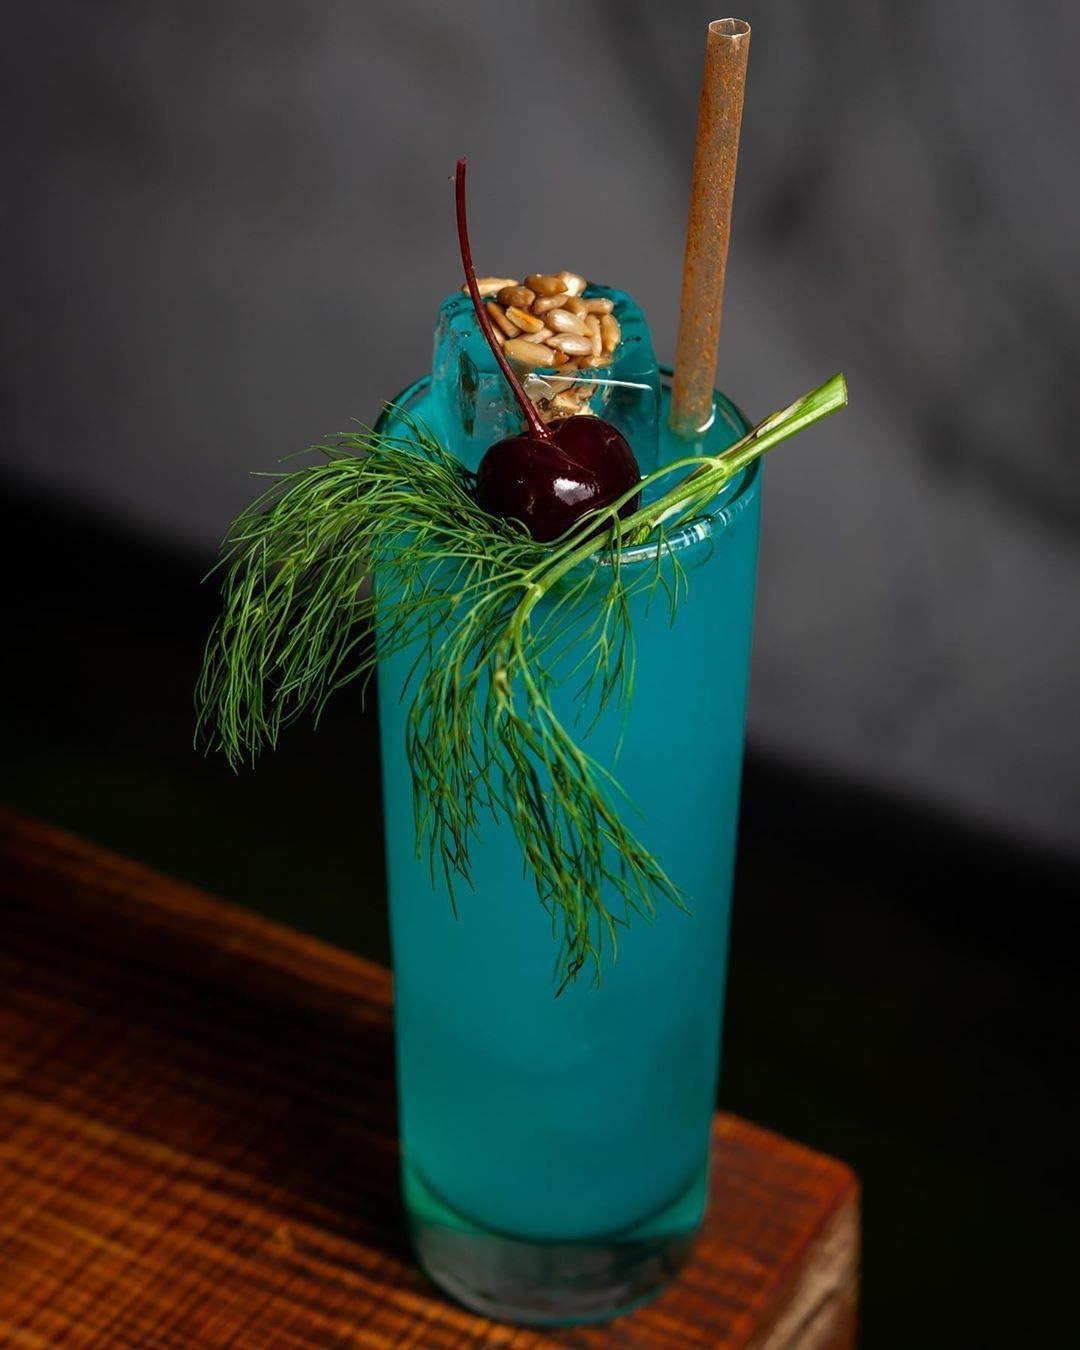 pflanzlich 150 biologisch abbaubare Cocktail-Trinkhalme aus Agave umweltfreundlich Alternative zu Kunststoff-Trinkhalmen und Papier-Trinkhalmen BIO AGAVE